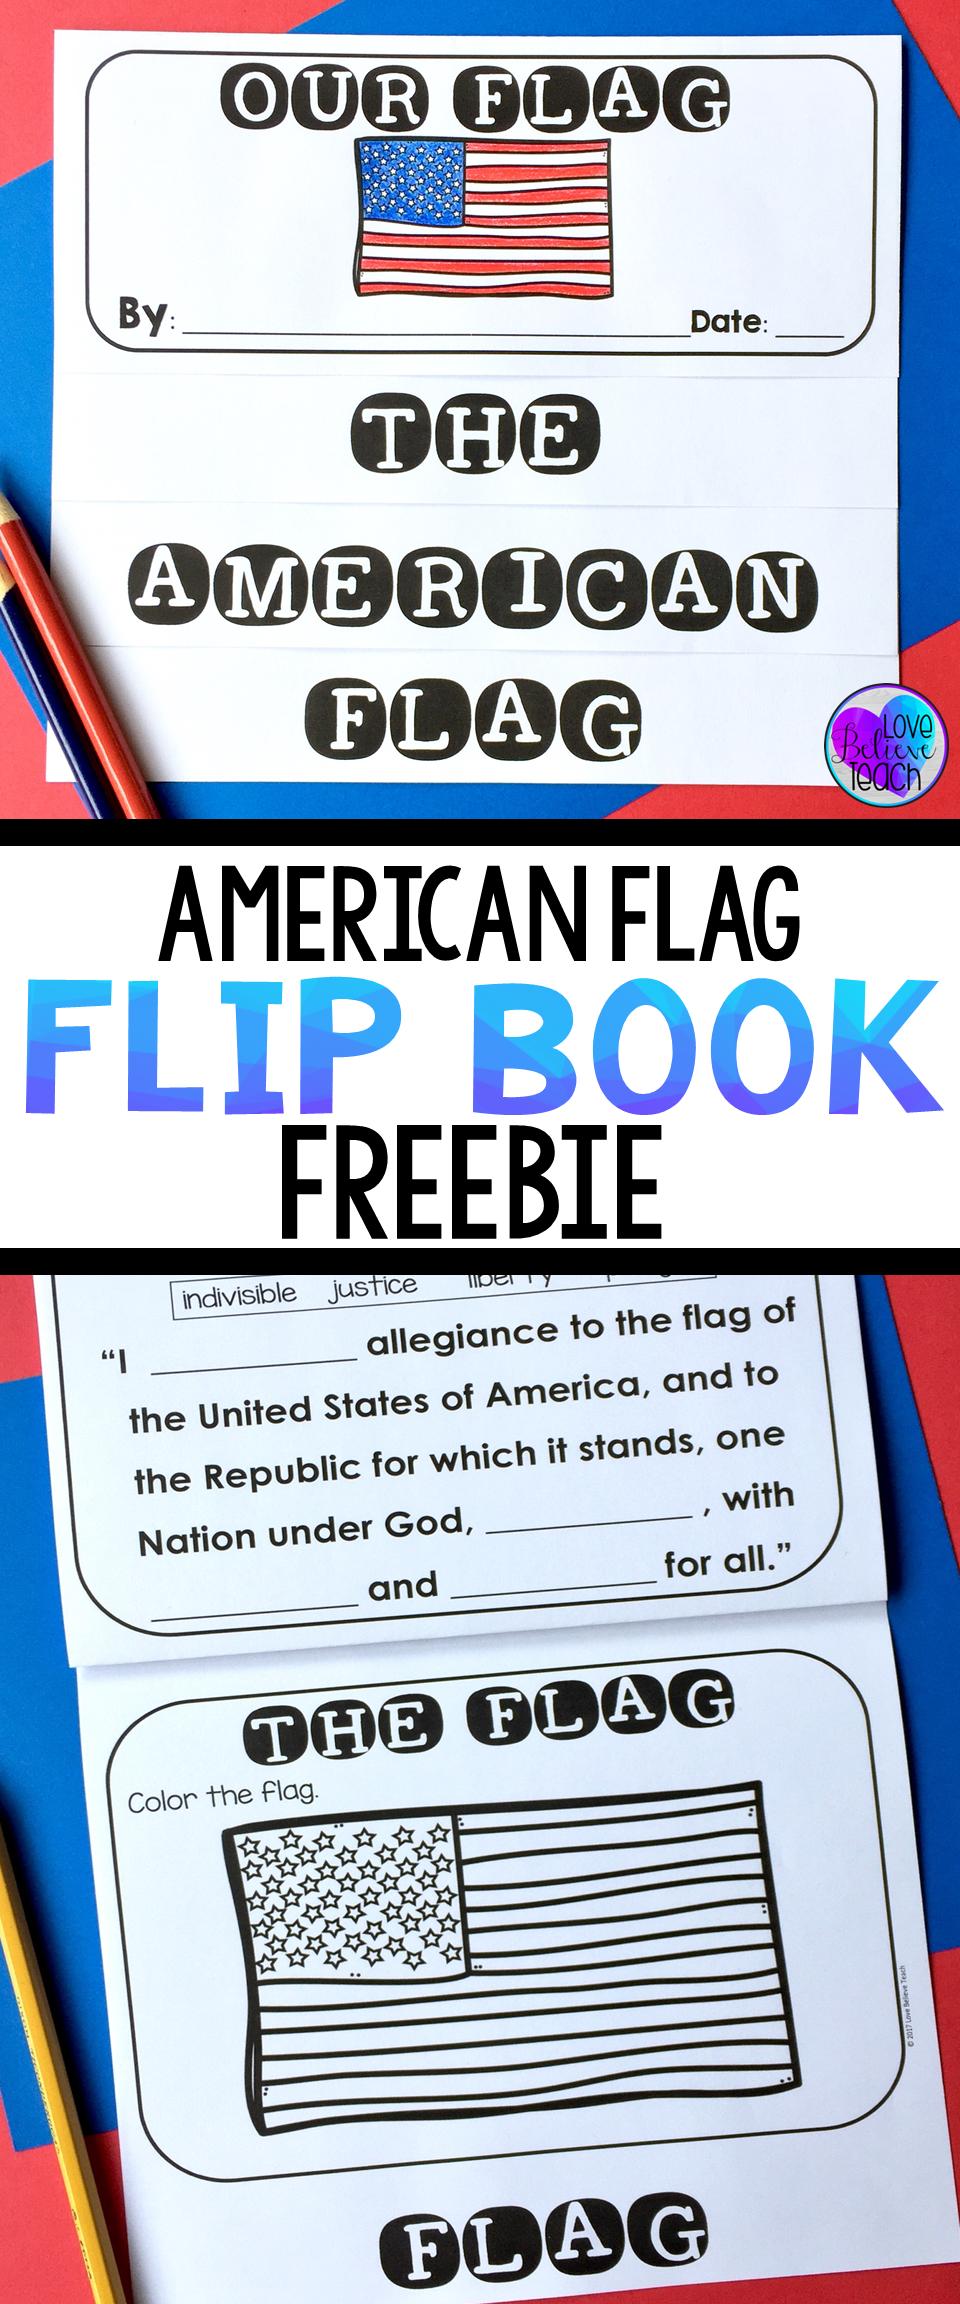 American Flag Flip Book Freebie Social Studies Pinterest